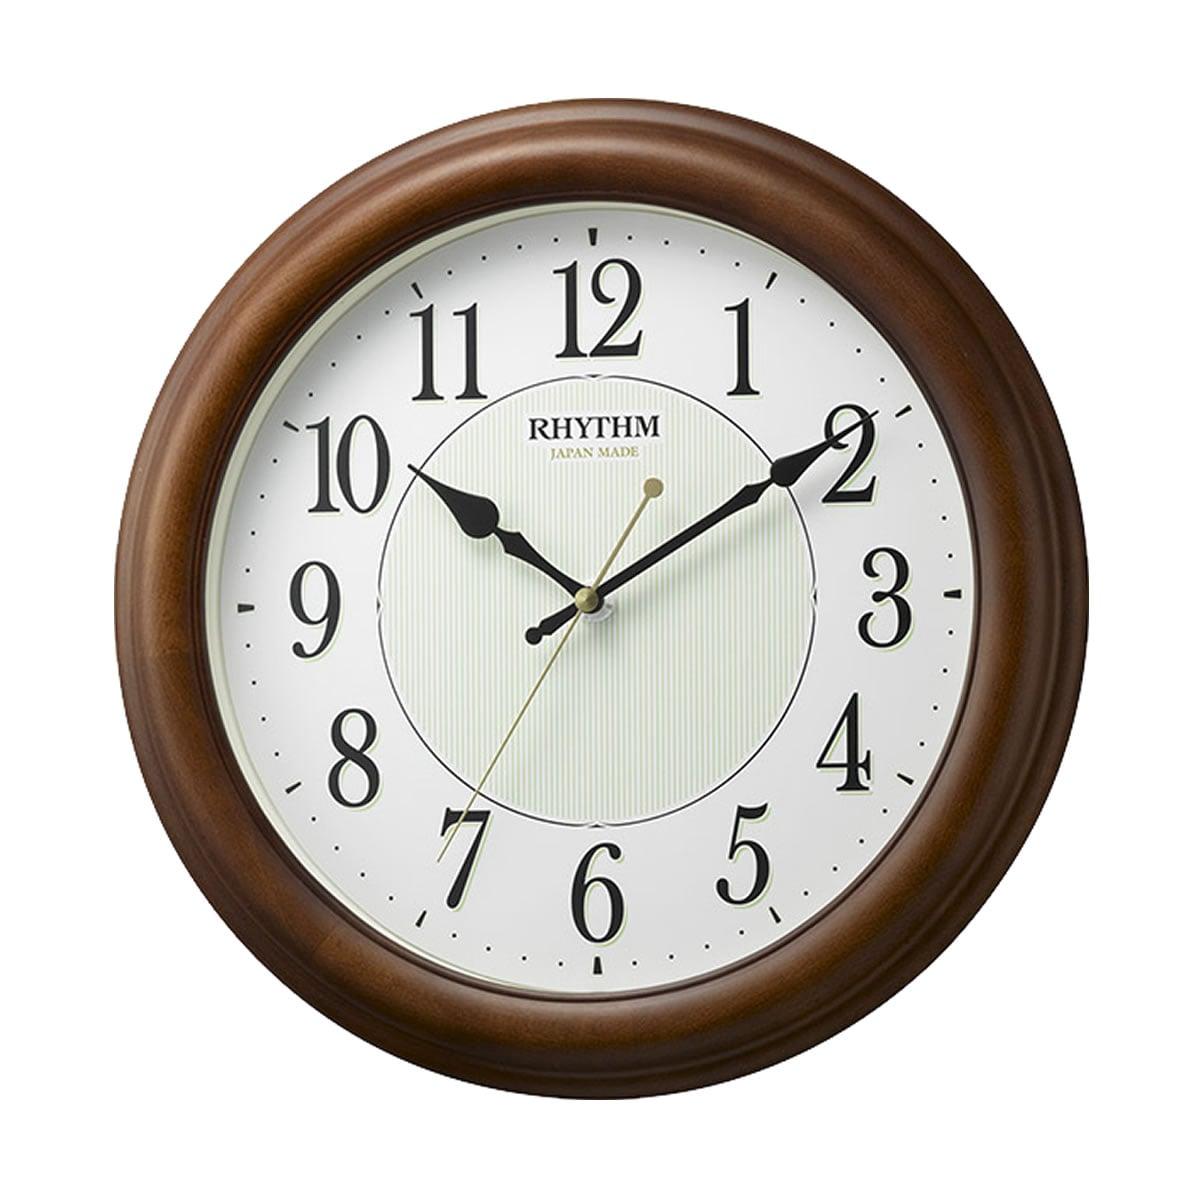 RHYTHM(リズム) 掛け時計 オルロージュM802 8MG802SR06